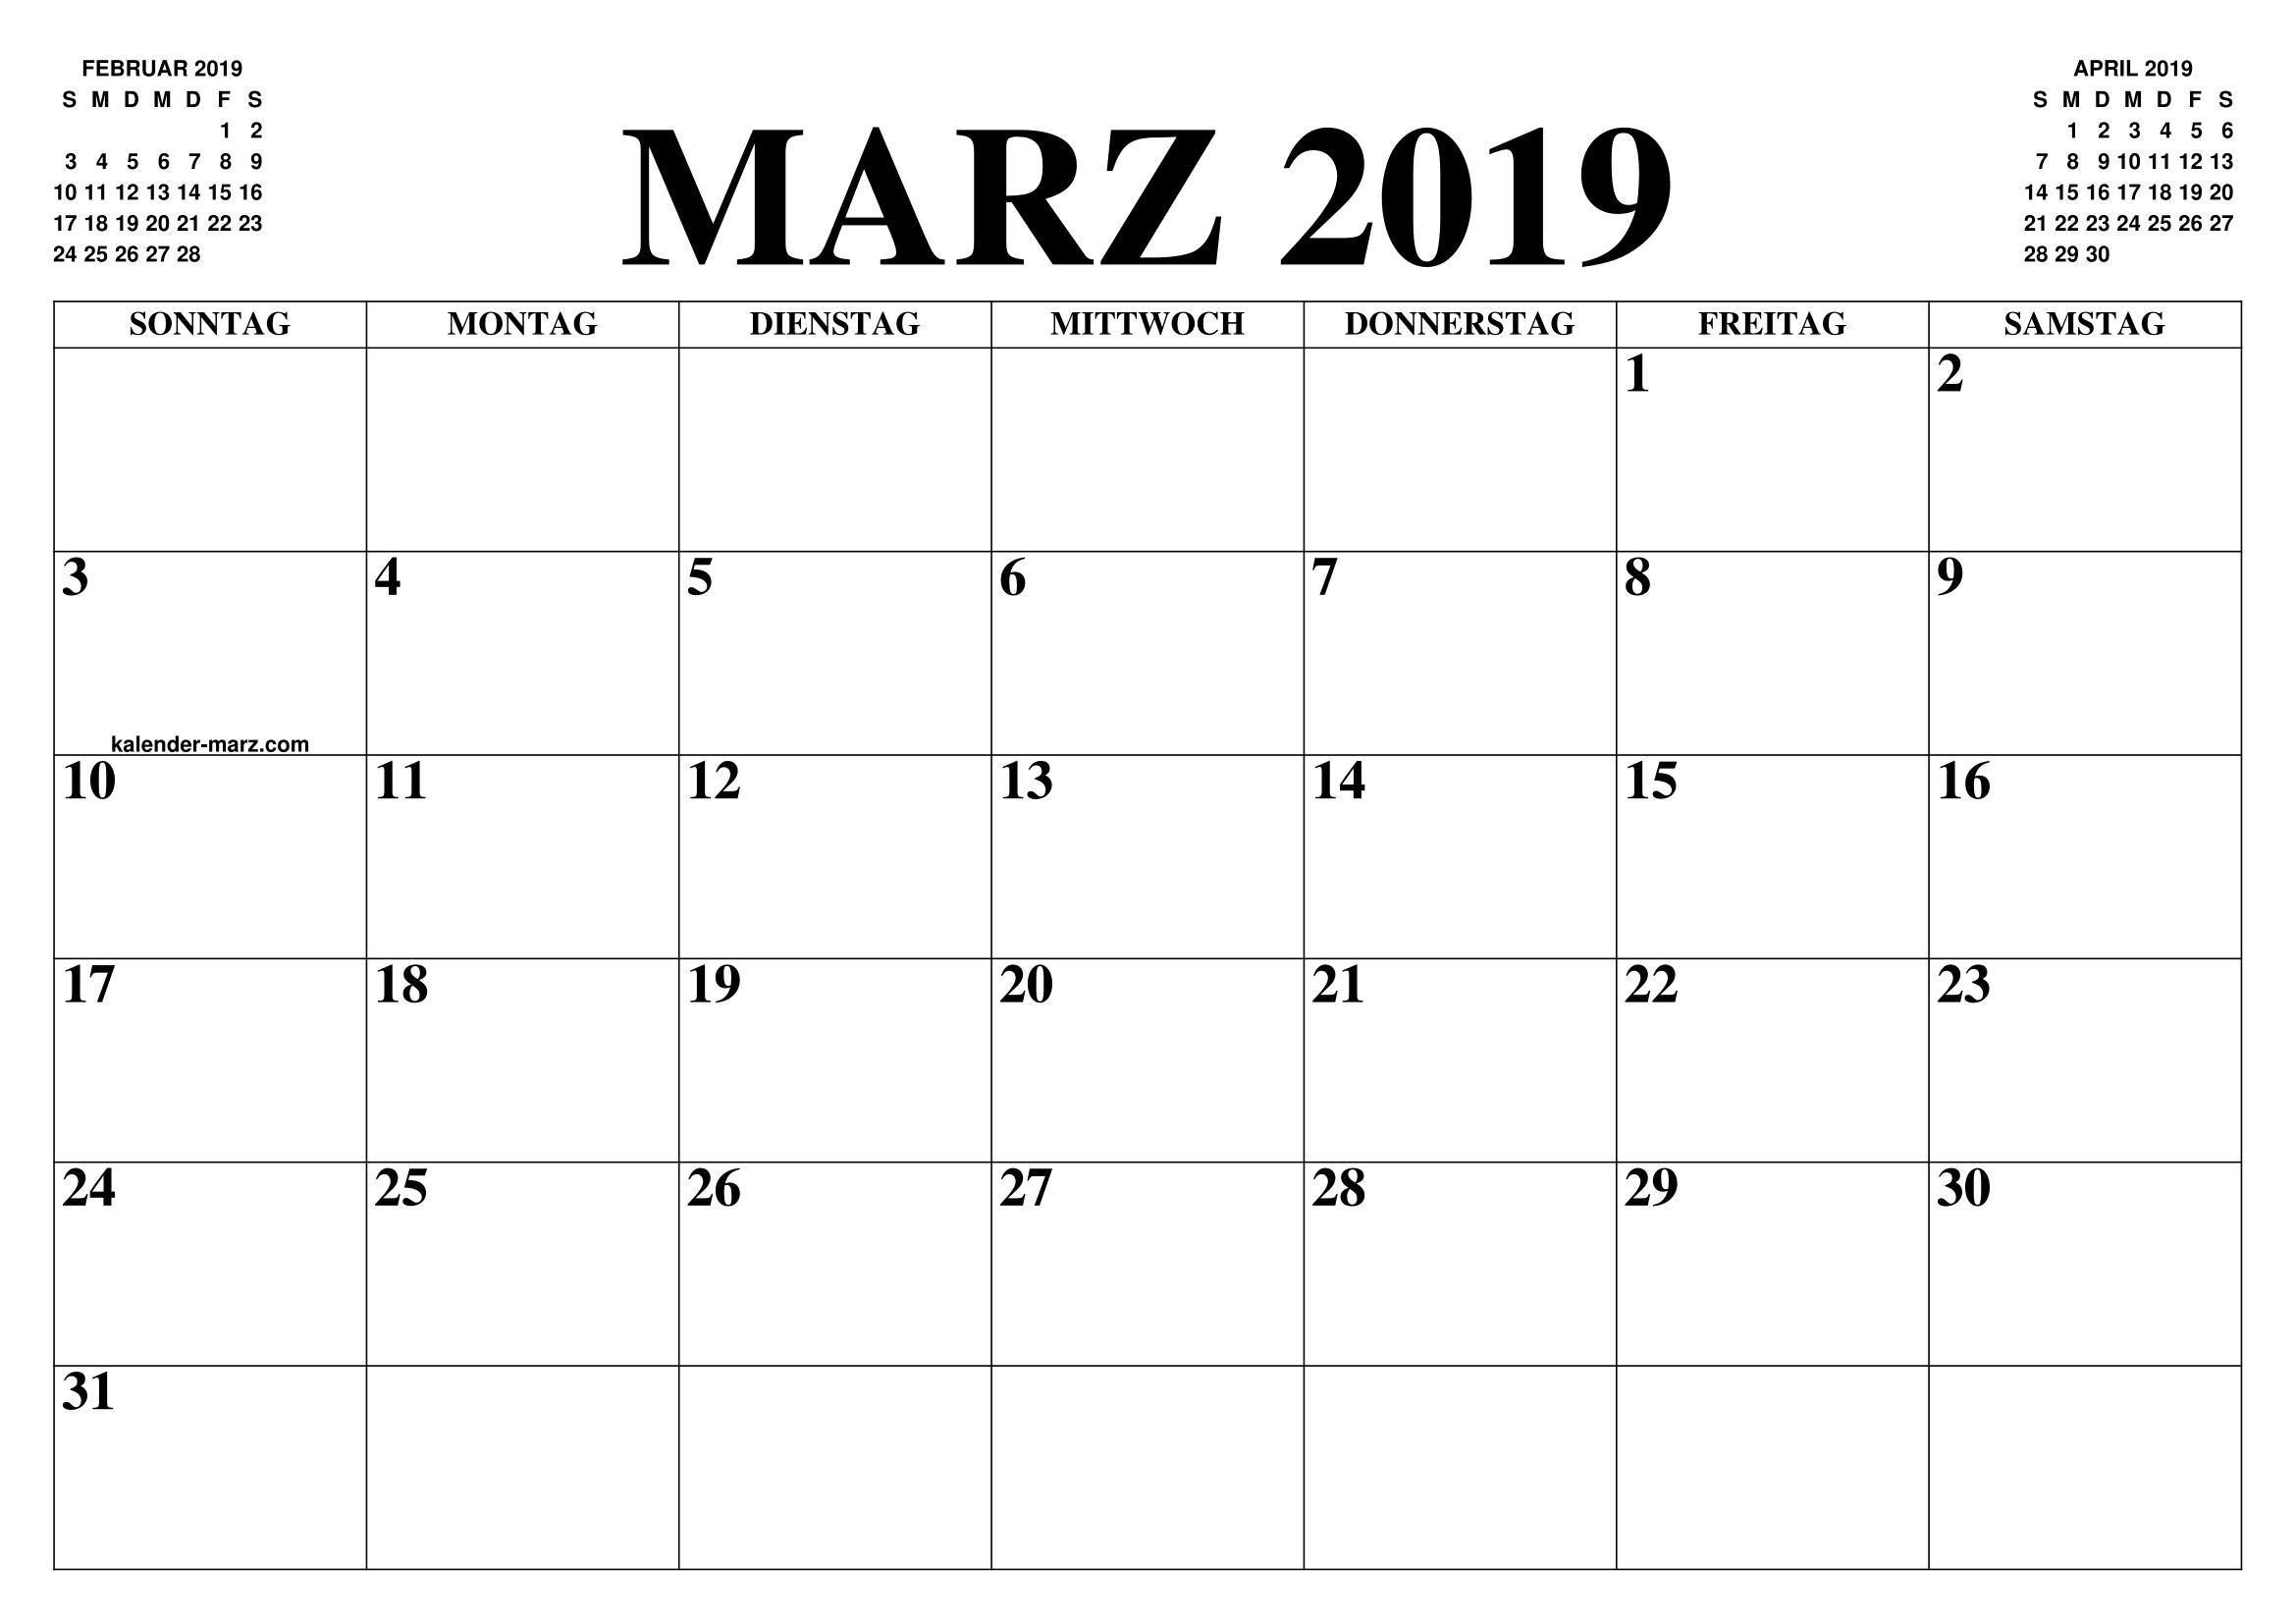 kalender marz 2019 marz 2019 kalender zum ausdrucken. Black Bedroom Furniture Sets. Home Design Ideas